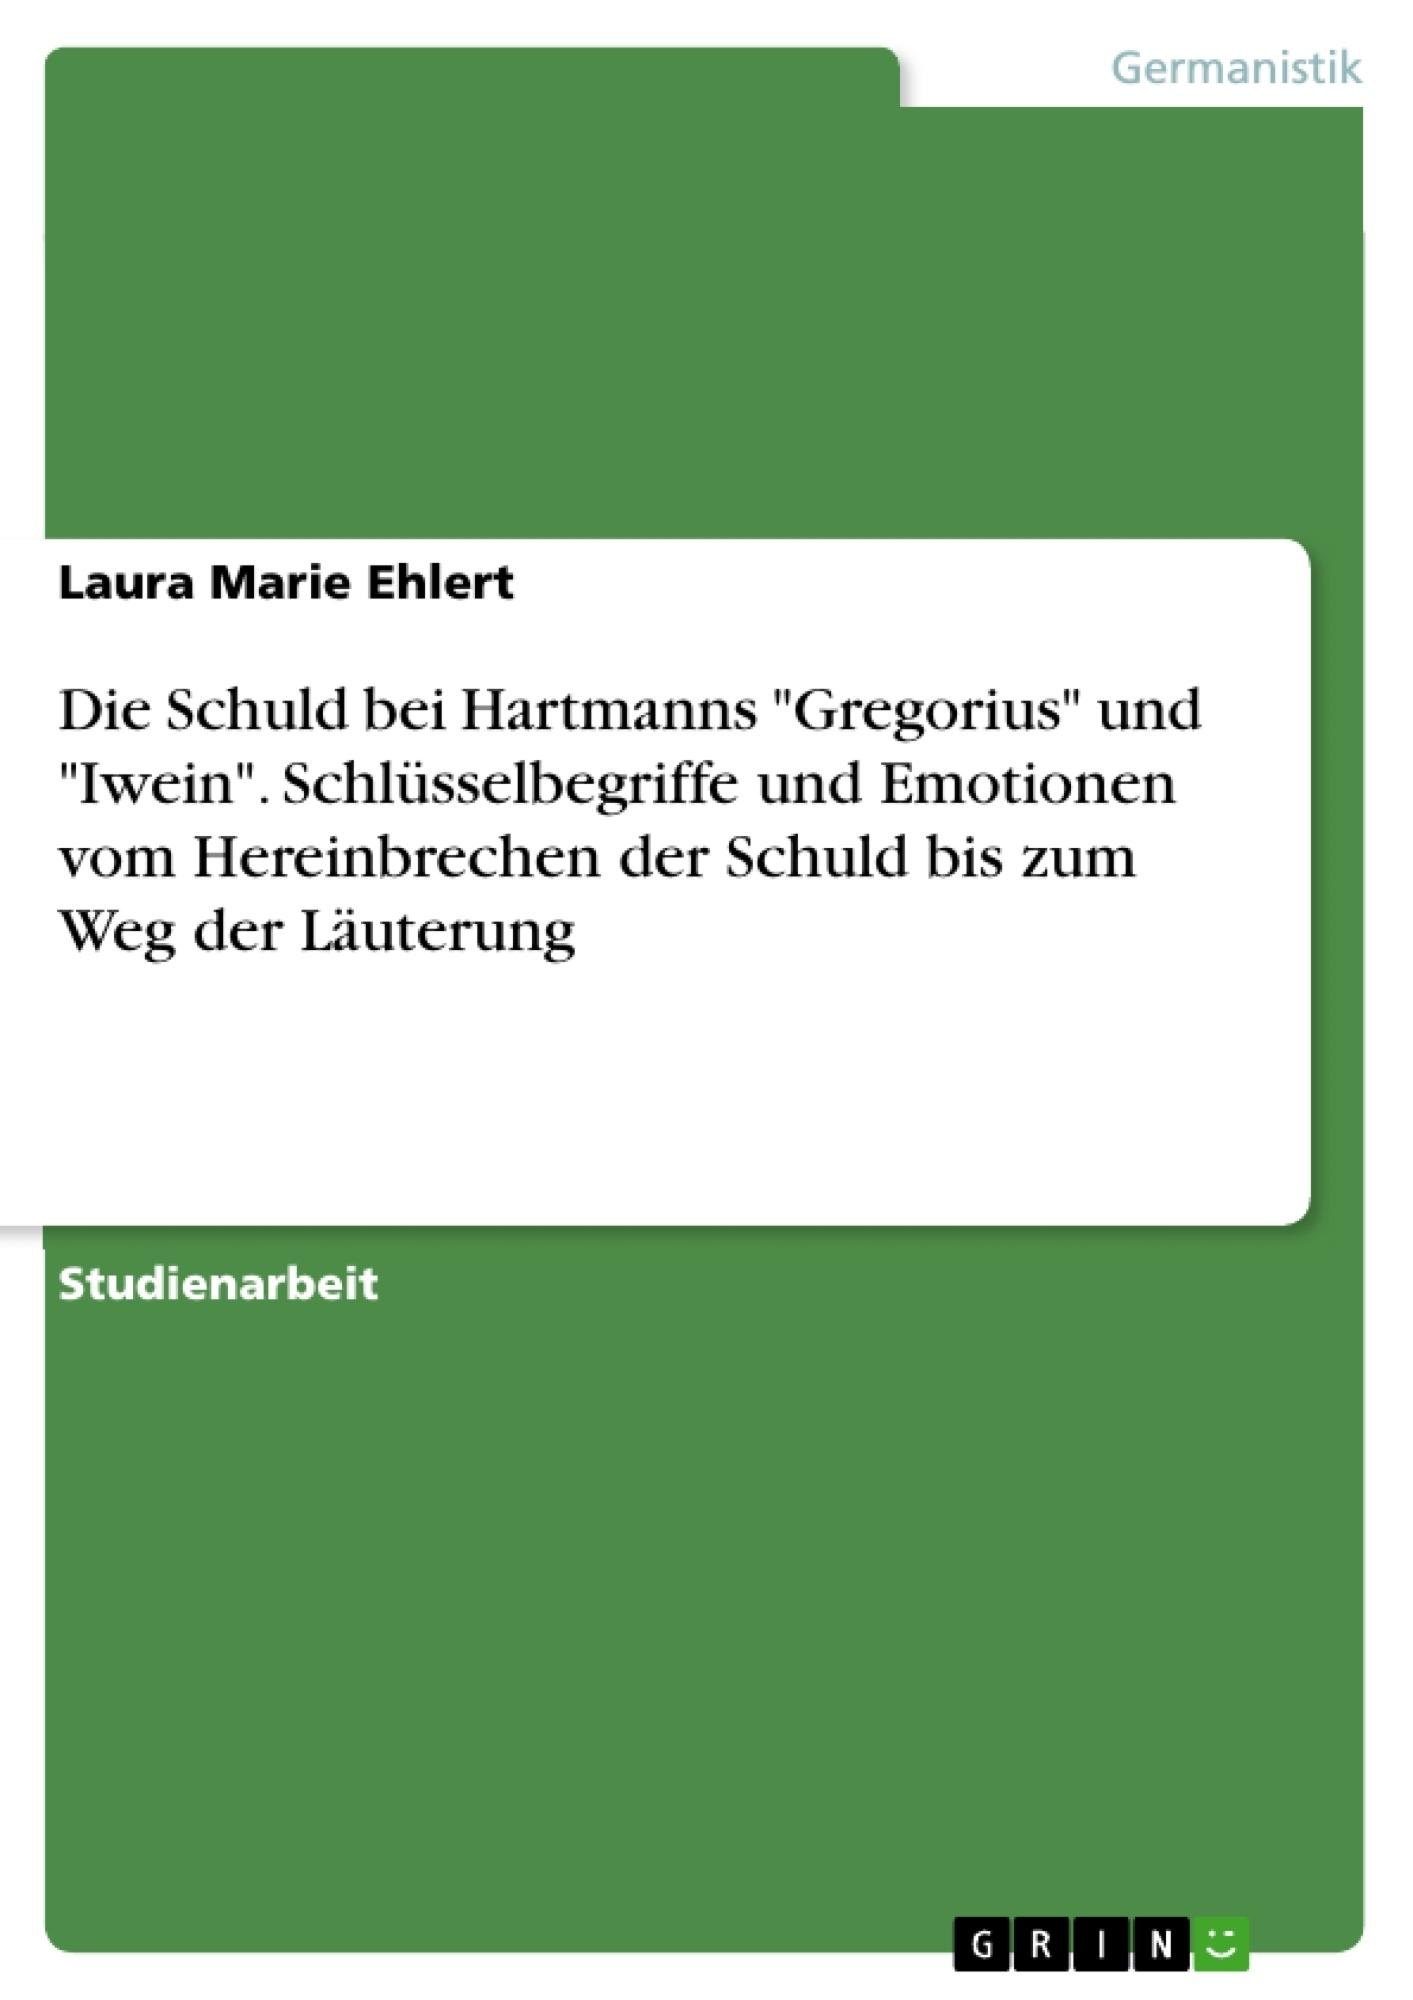 """Titel: Die Schuld bei Hartmanns """"Gregorius"""" und """"Iwein"""". Schlüsselbegriffe und Emotionen vom Hereinbrechen der Schuld bis zum Weg der Läuterung"""